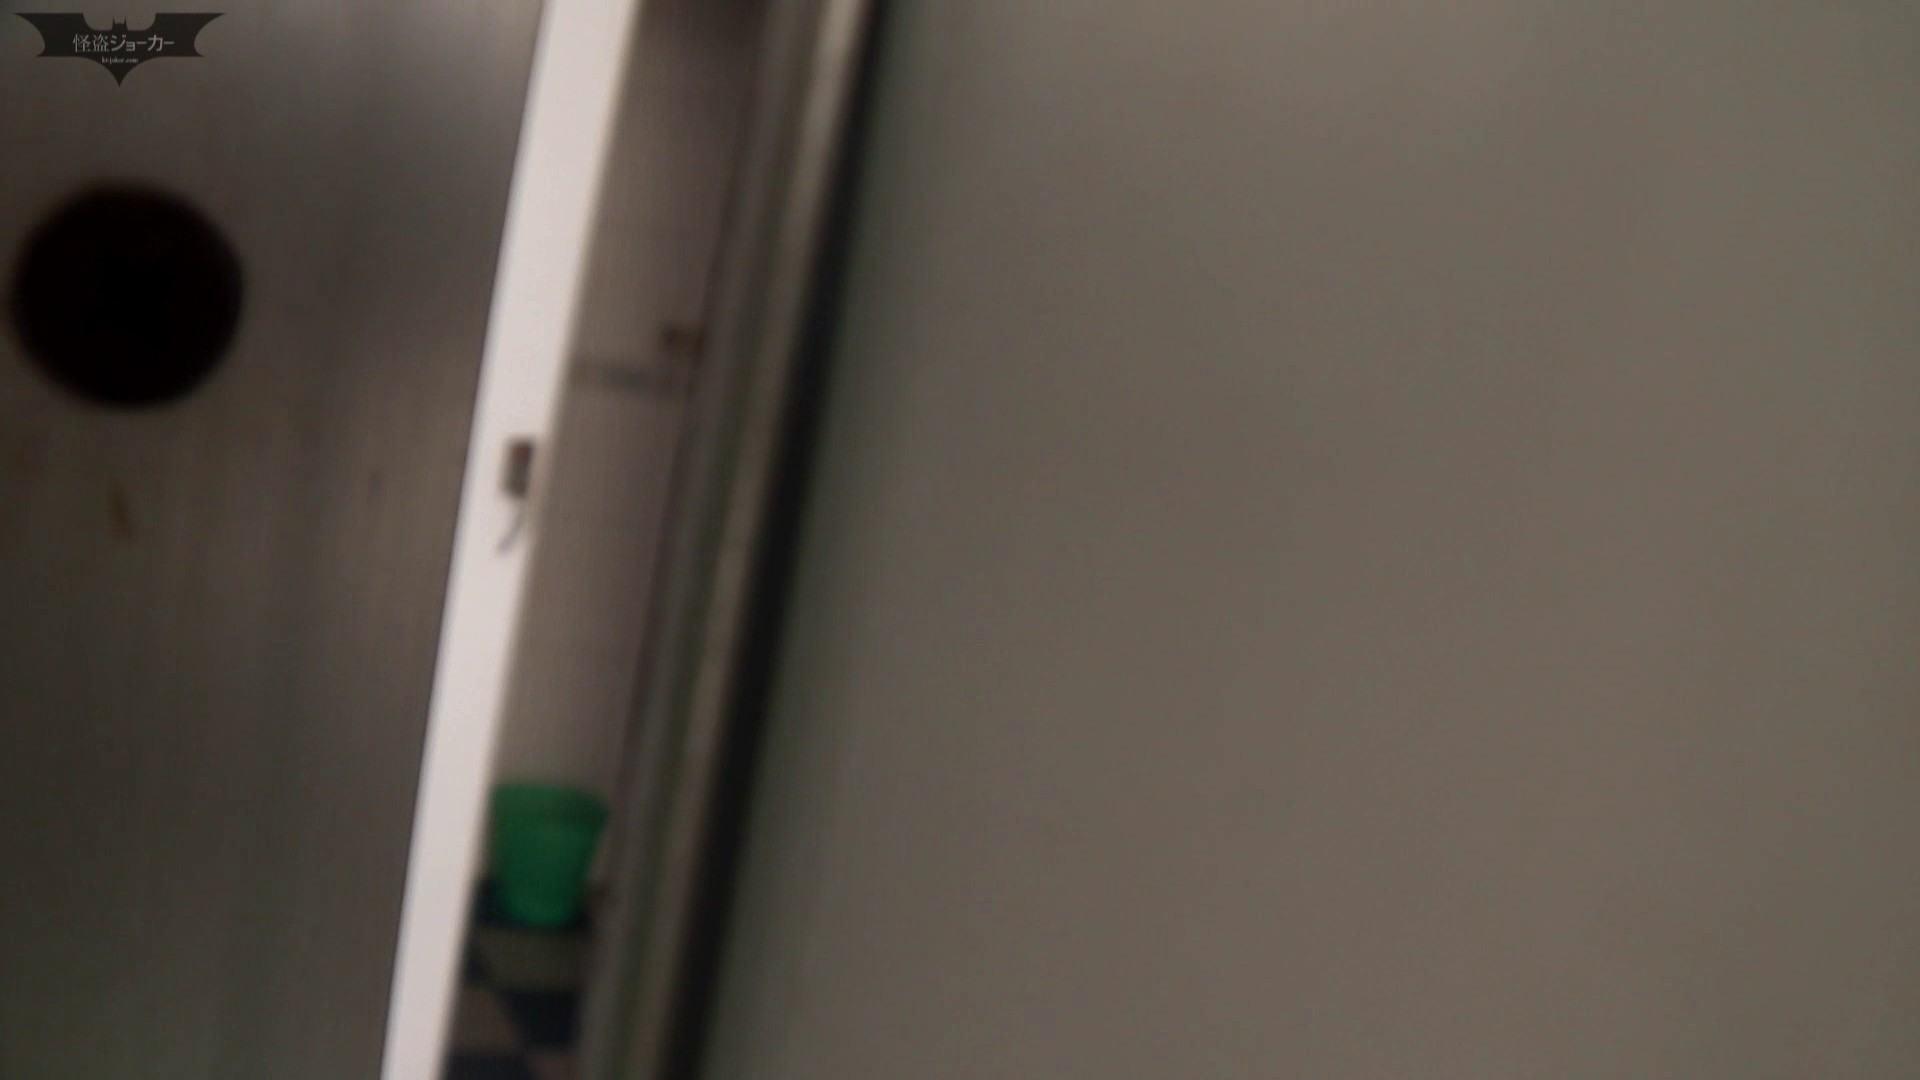 下からノゾム vol.018 スタイルいい子に、ついついて入っちゃった。 エッチすぎるOL達 | 0  101連発 39